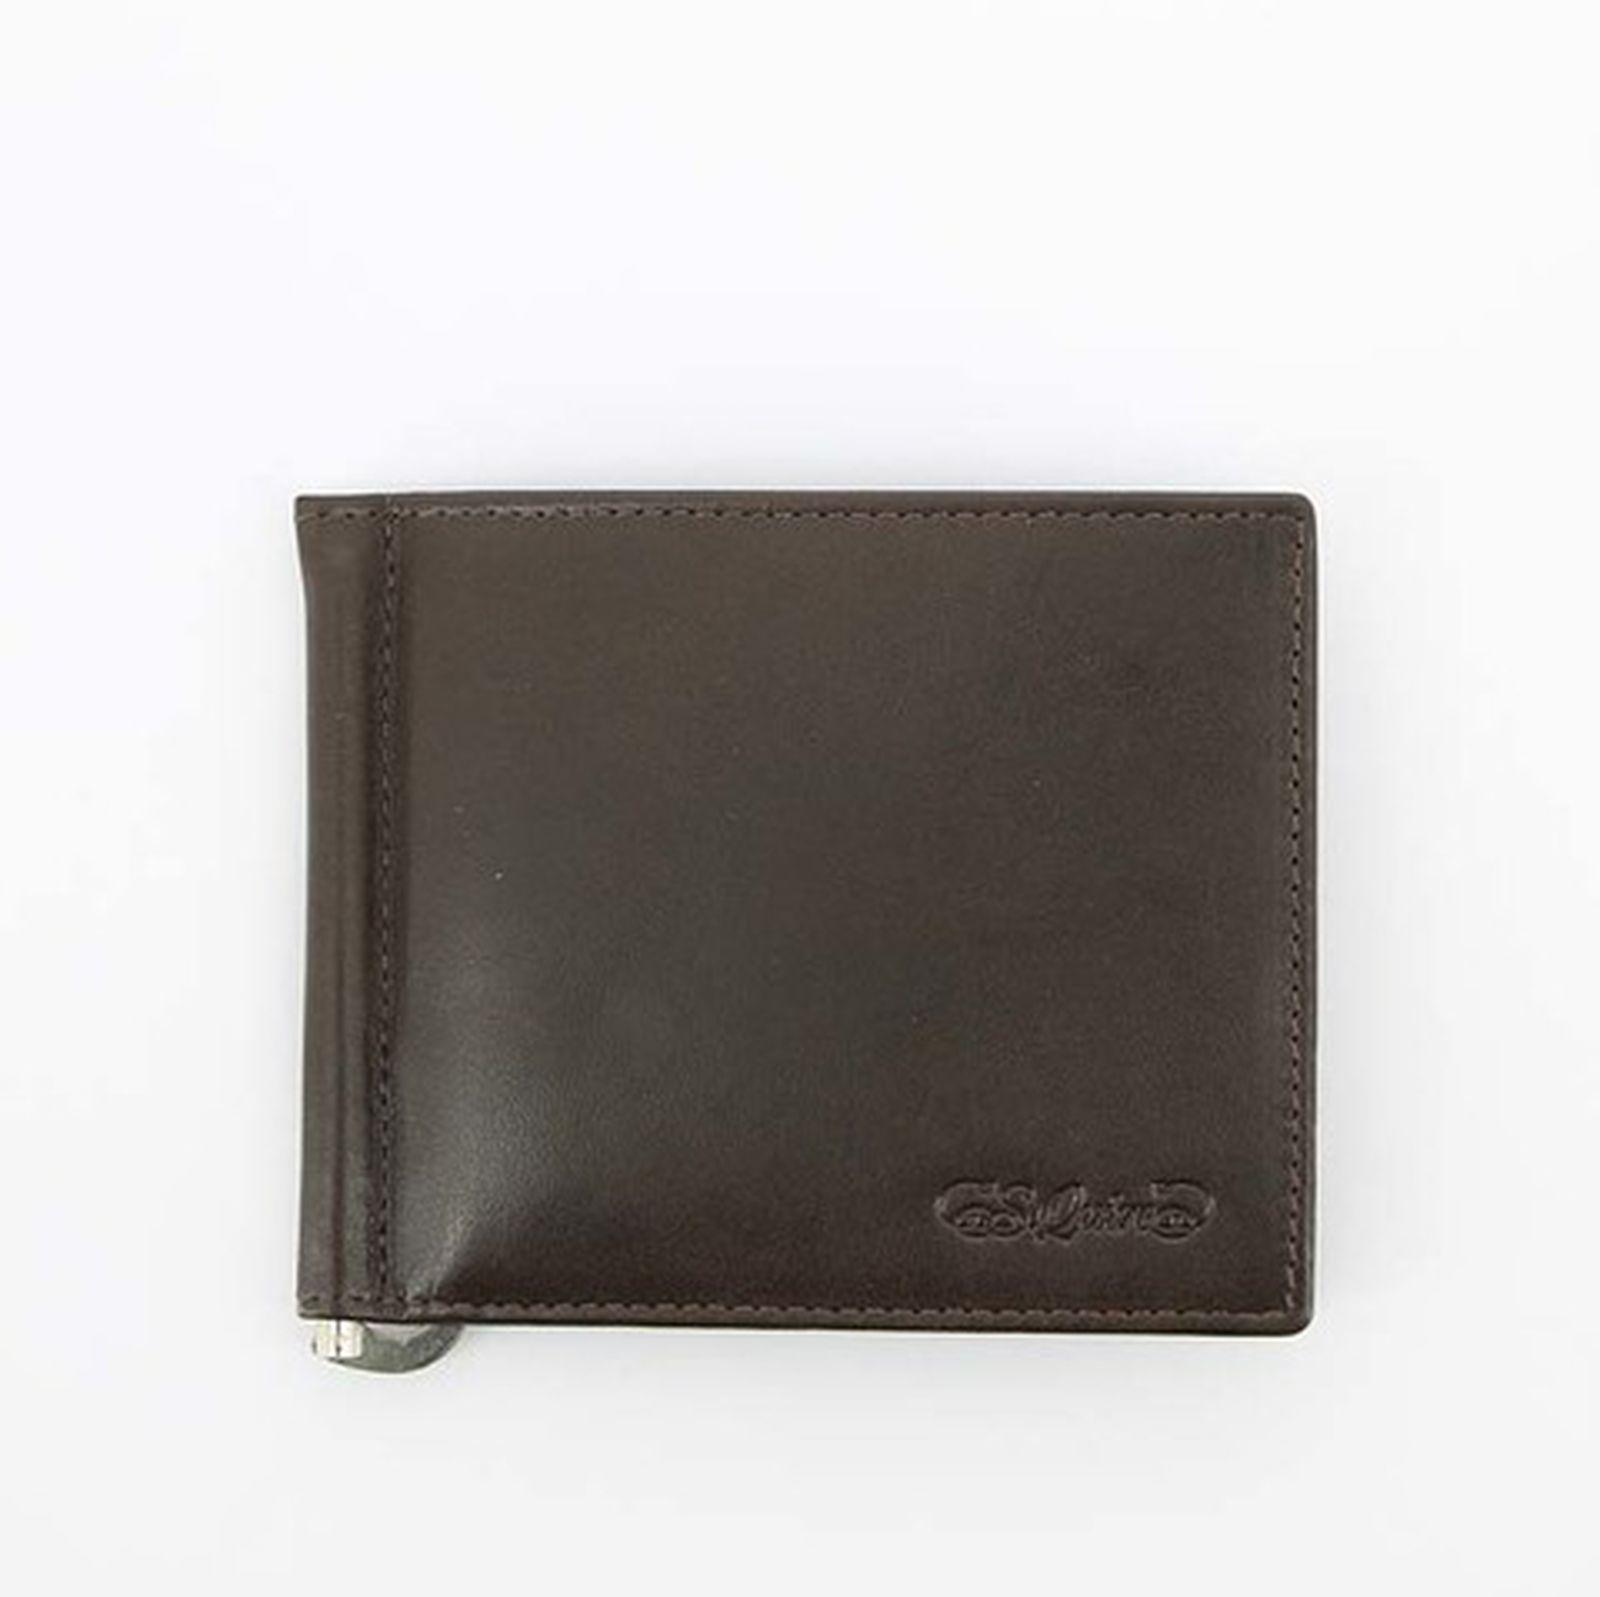 8a700efdc291 Портмоне S.Quire с клипом для денег, натуральная воловья кожа, гладкая, 11x9